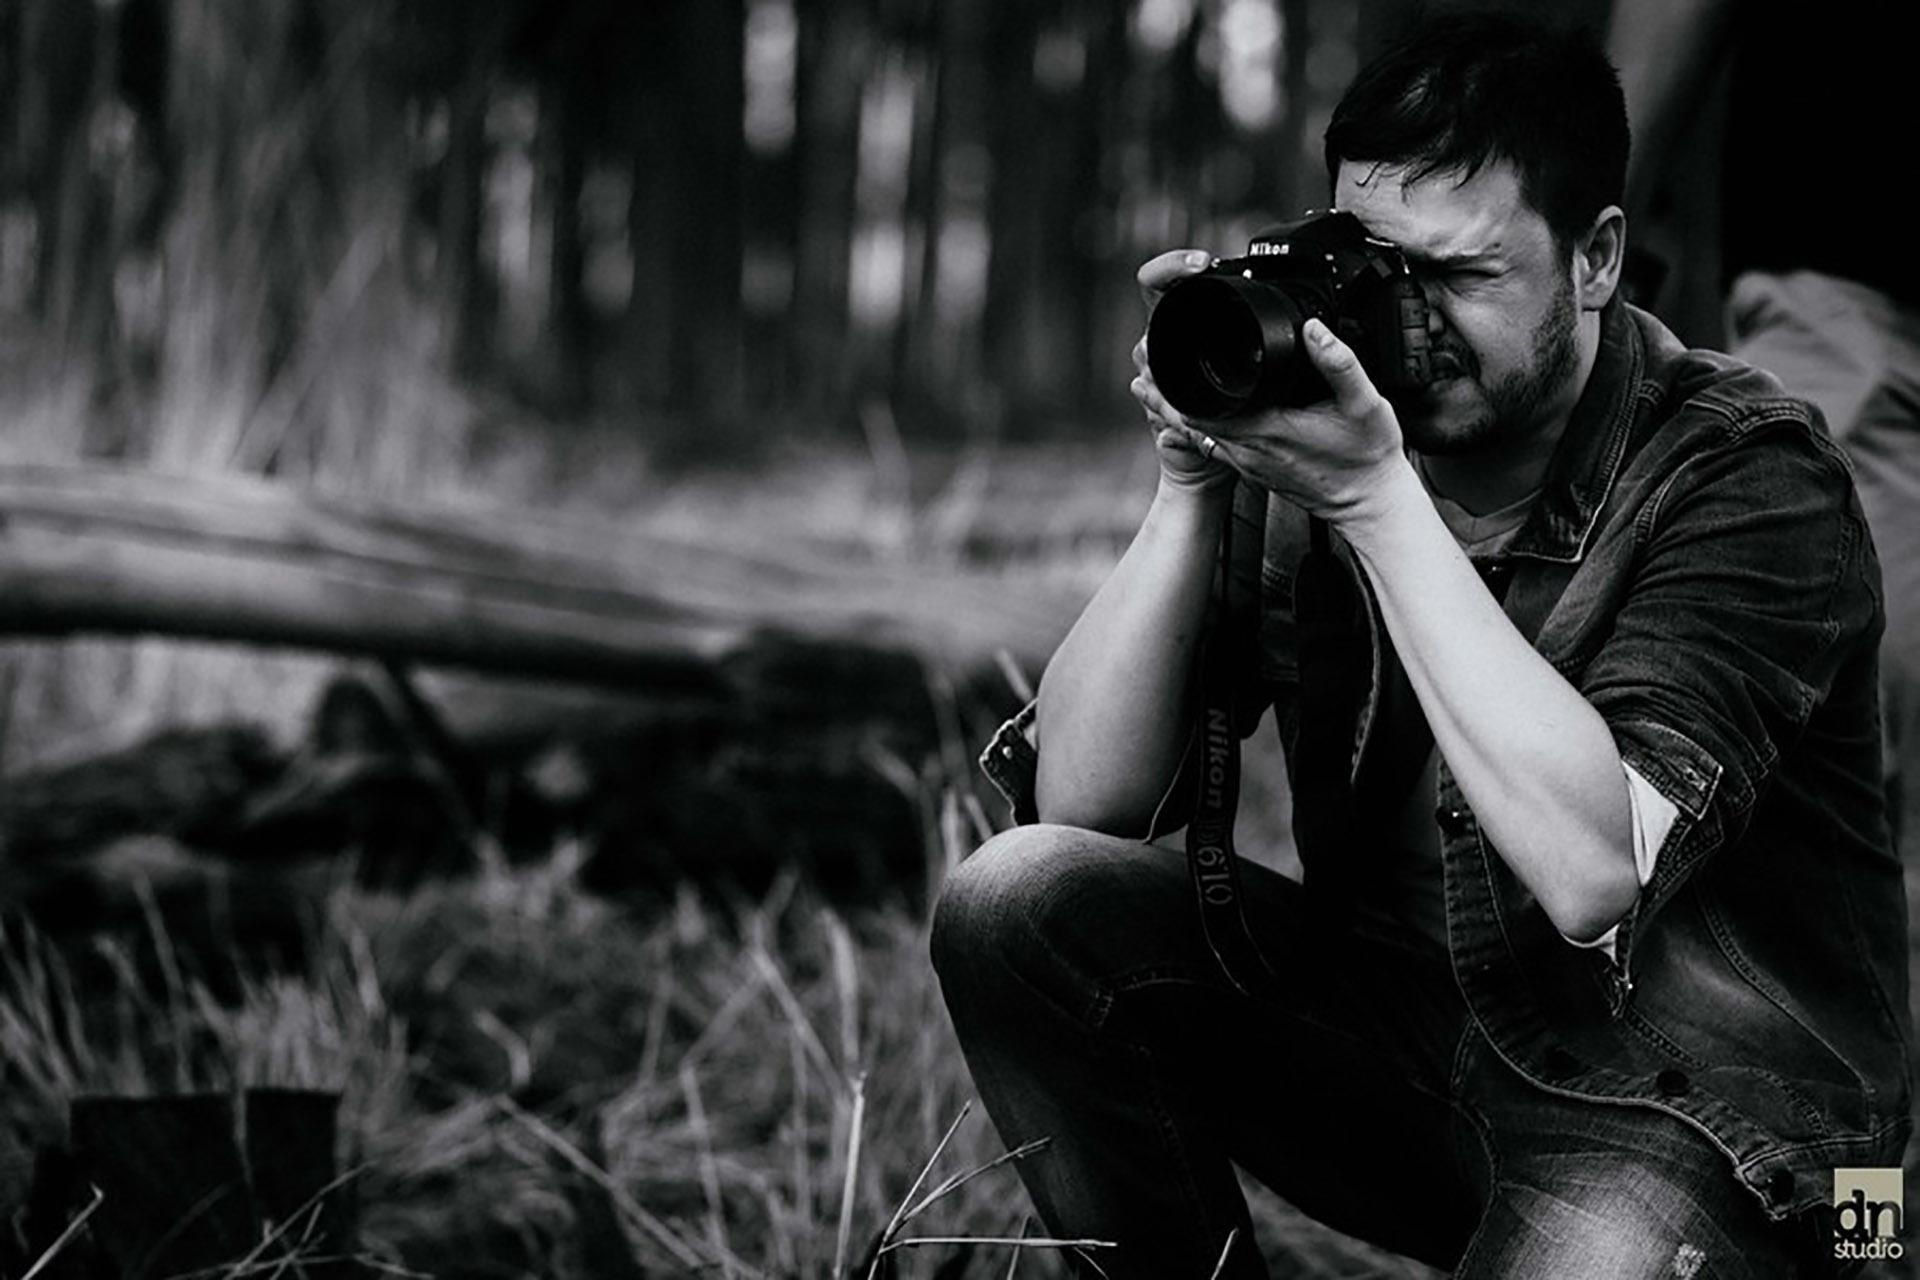 Contate Rick Paiva Fotografia - Fotografo em Goiânia